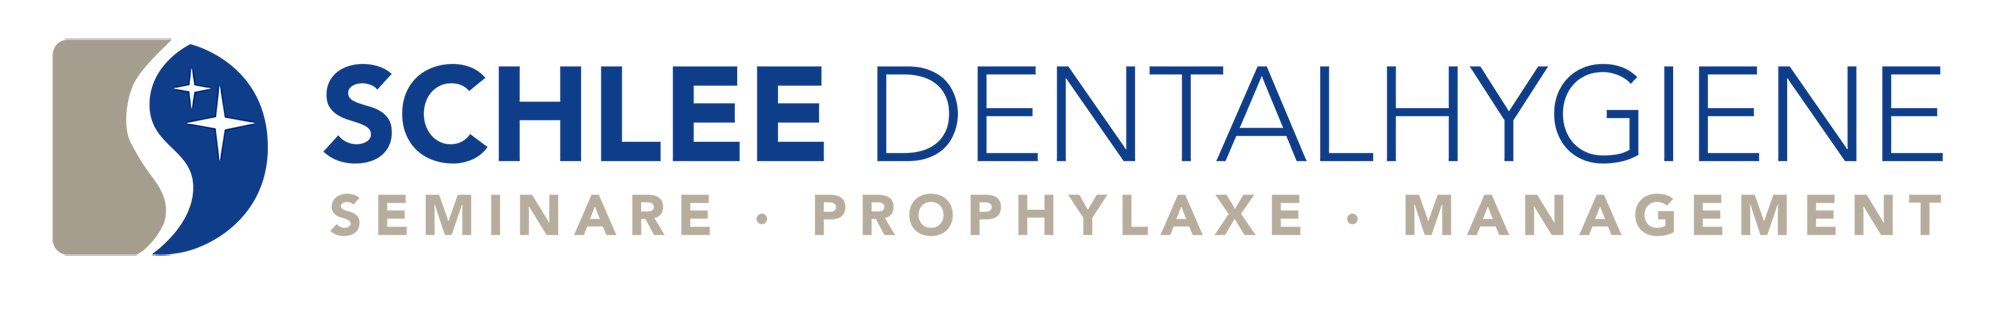 Schlee Dentalhygiene Logo